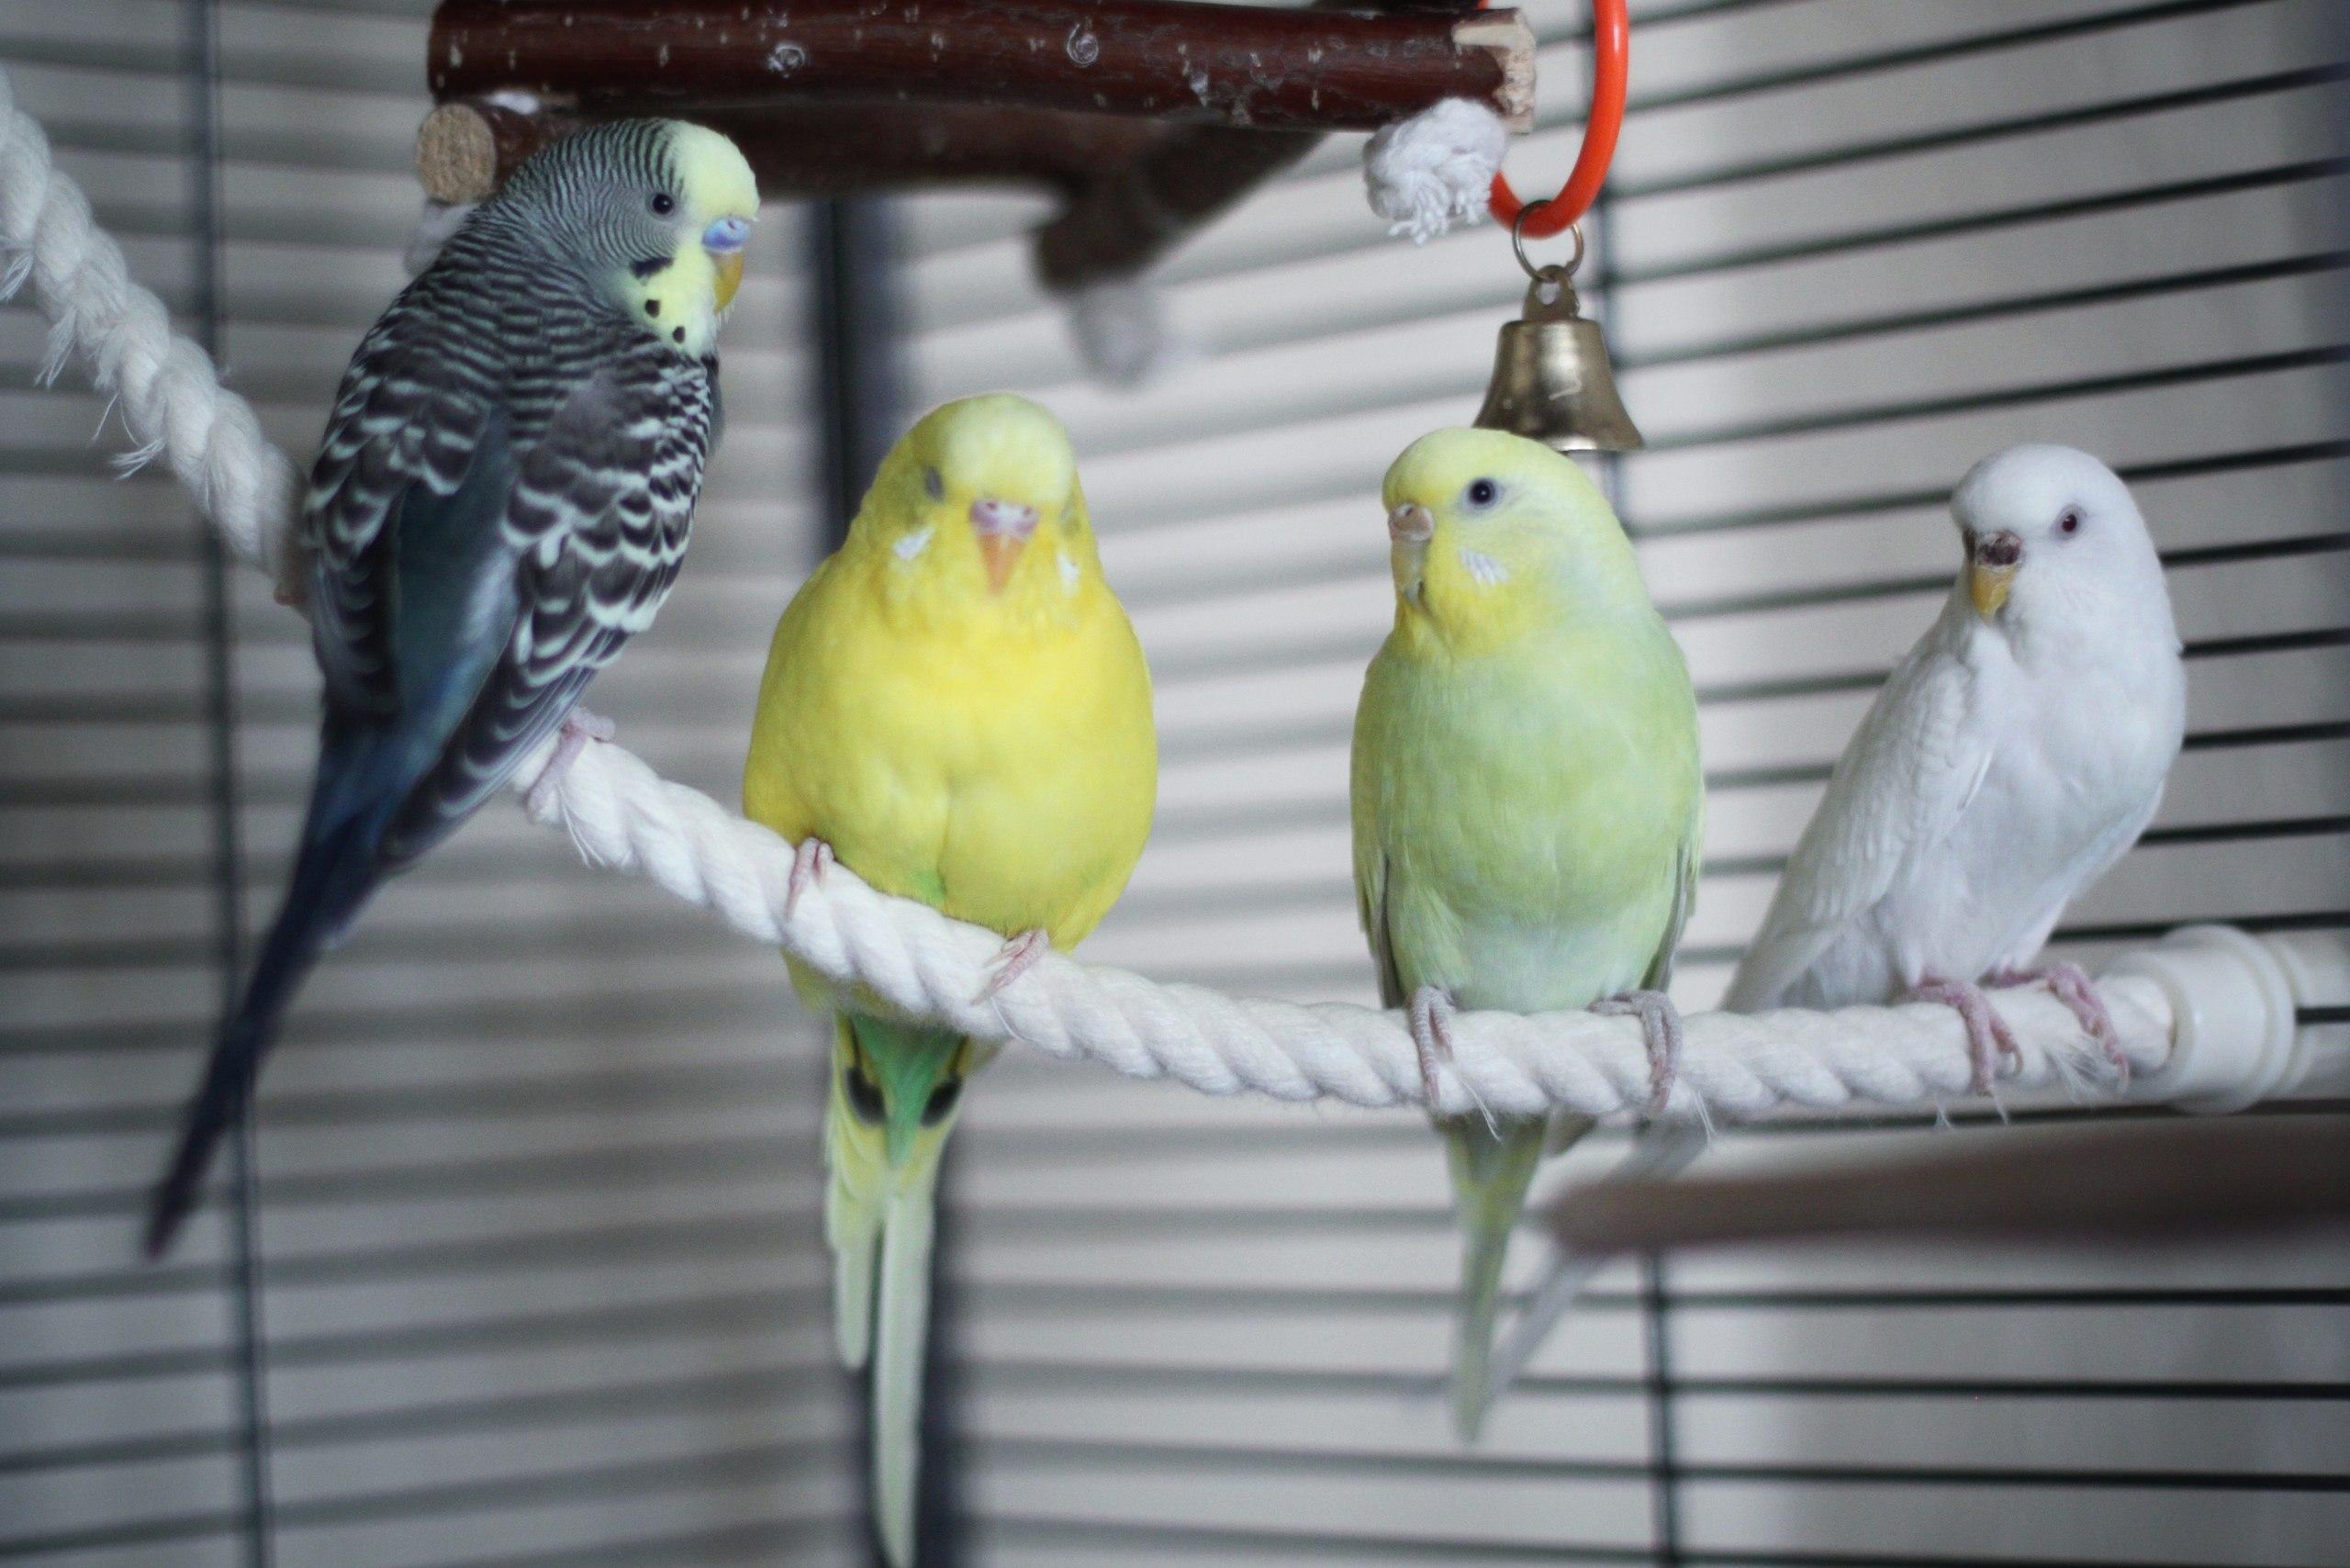 Окрасы волнистых попугаев - цвета, фото разных окрасов 78